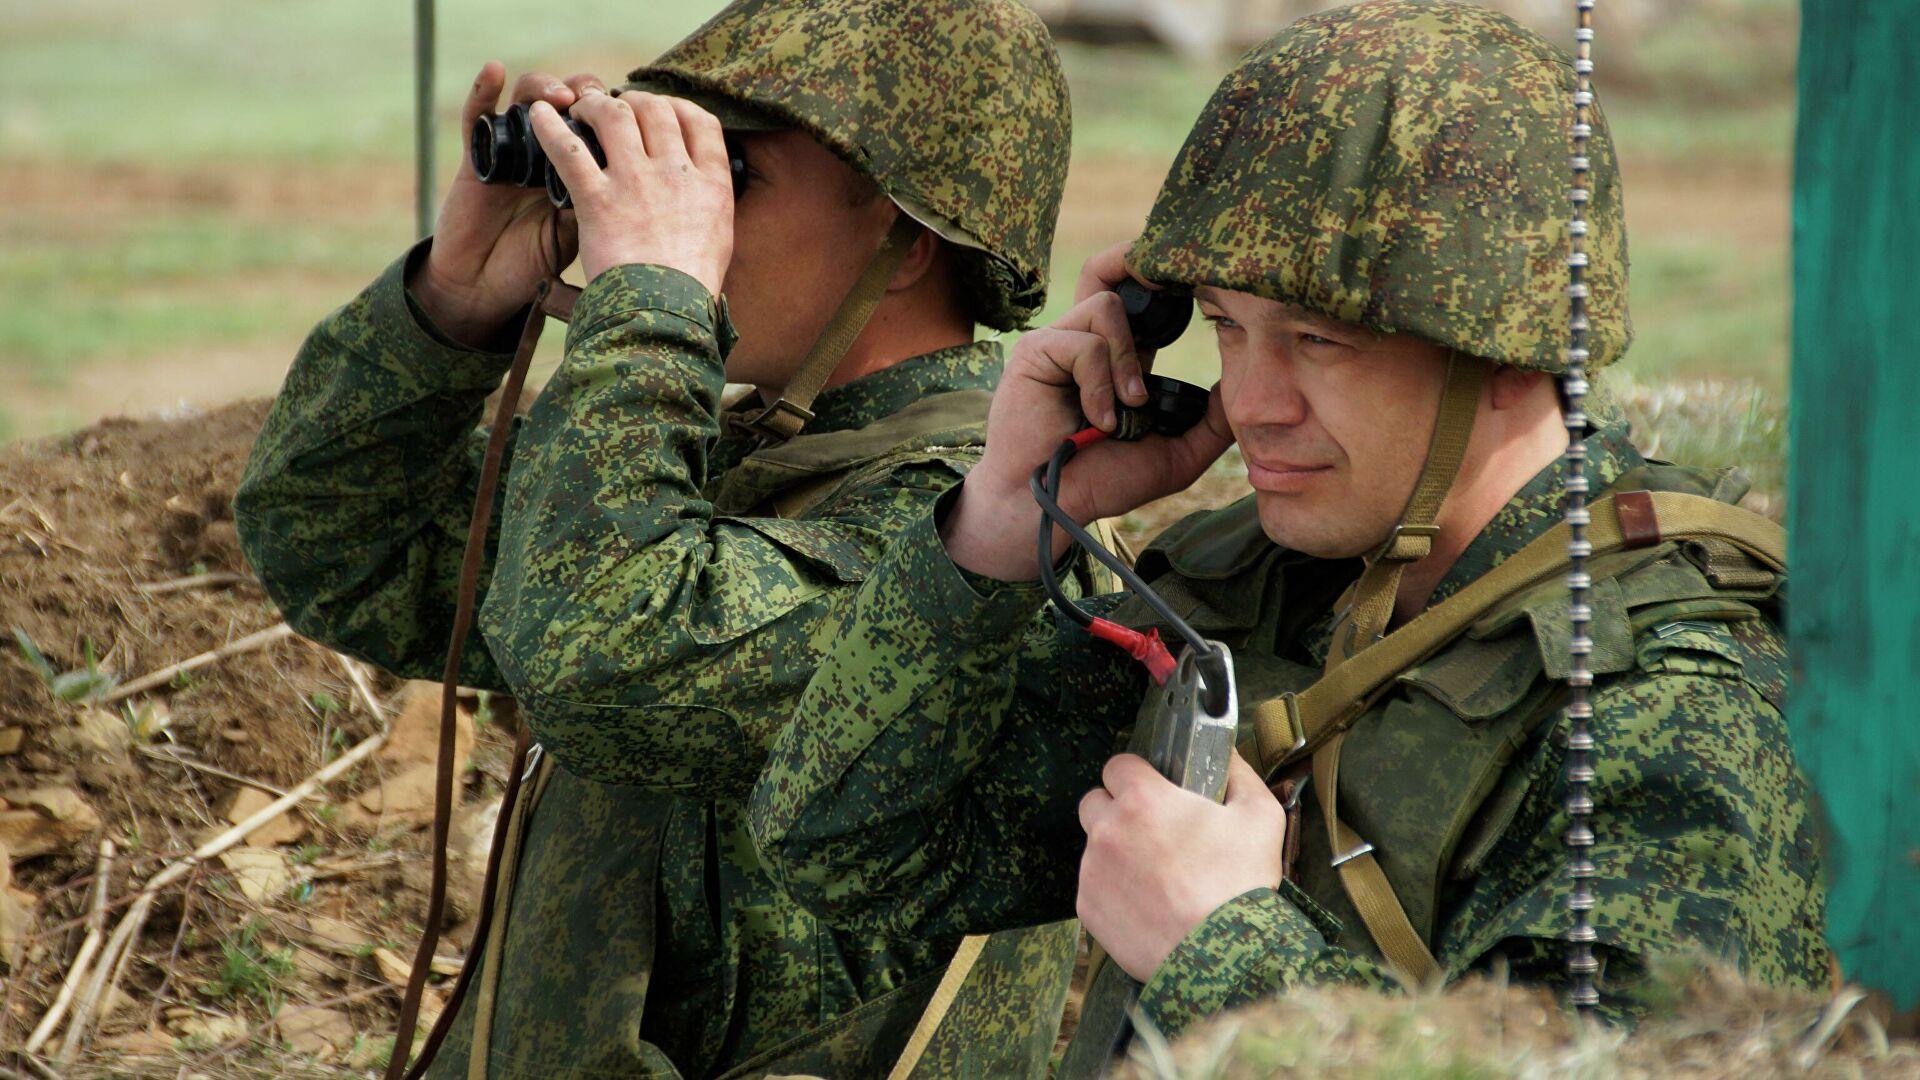 """Луганск: Милитанти радикалне организације """"Десни сектор"""" примећени у близини контакт линије у Донбасу"""